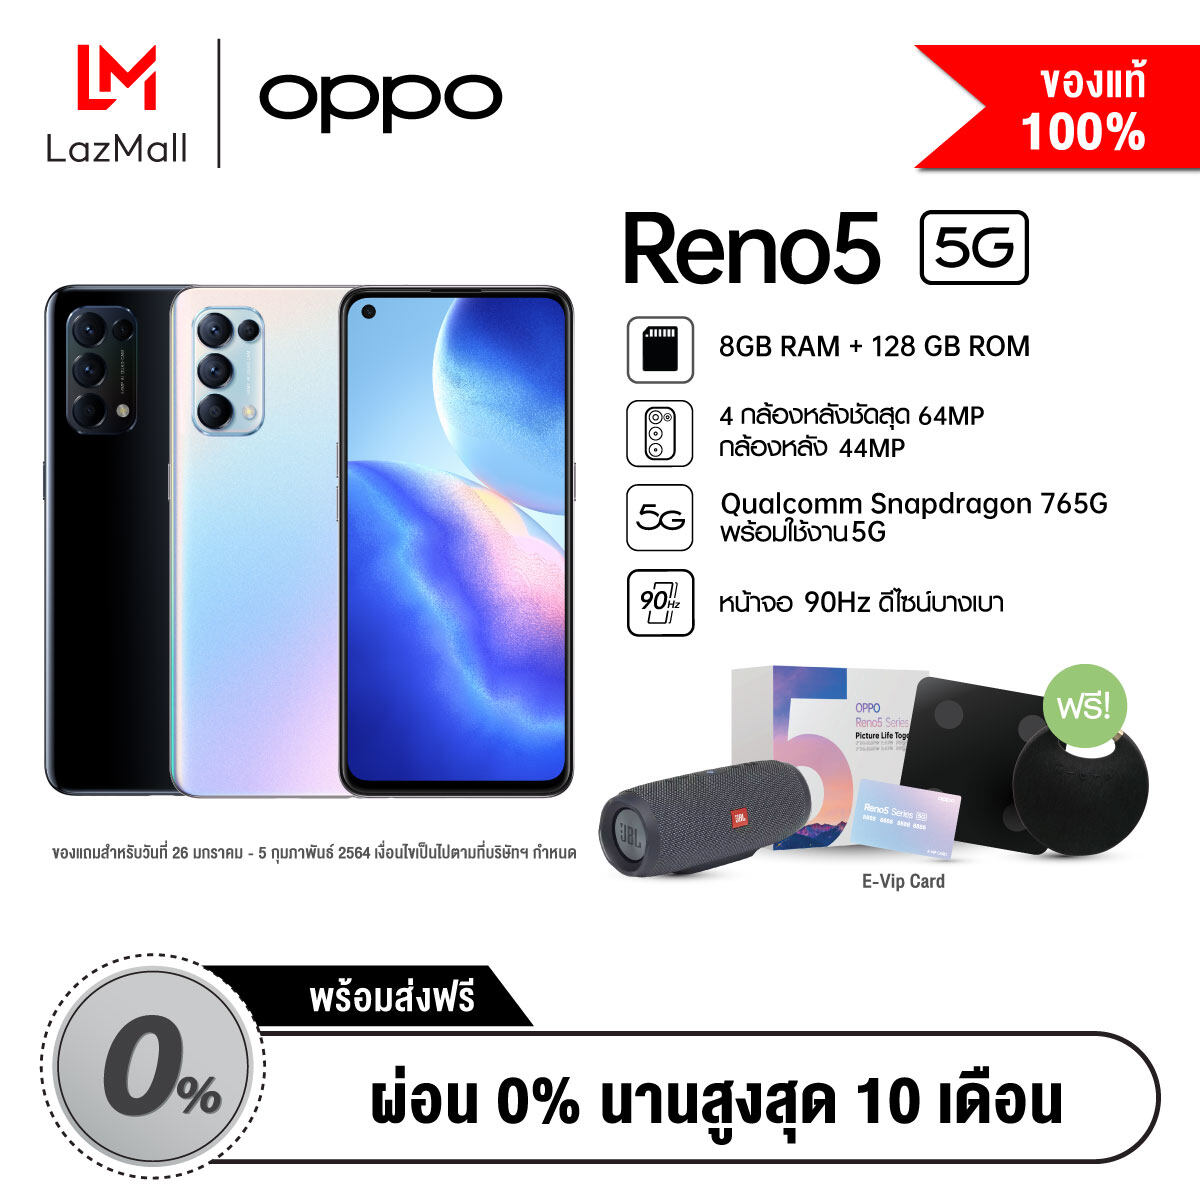 [Pre Order] Oppo Reno 5 5G (8GB + 128GB) รับฟรี! E-VIP Card, เครื่องชั่งน้ำหนักและลำโพงจาก Oppo, ลำโพง JBL Charge Essential มูลค่ารวม14,988.- (สินค้าจะจัดส่งหลัง 6 ก.พ.)